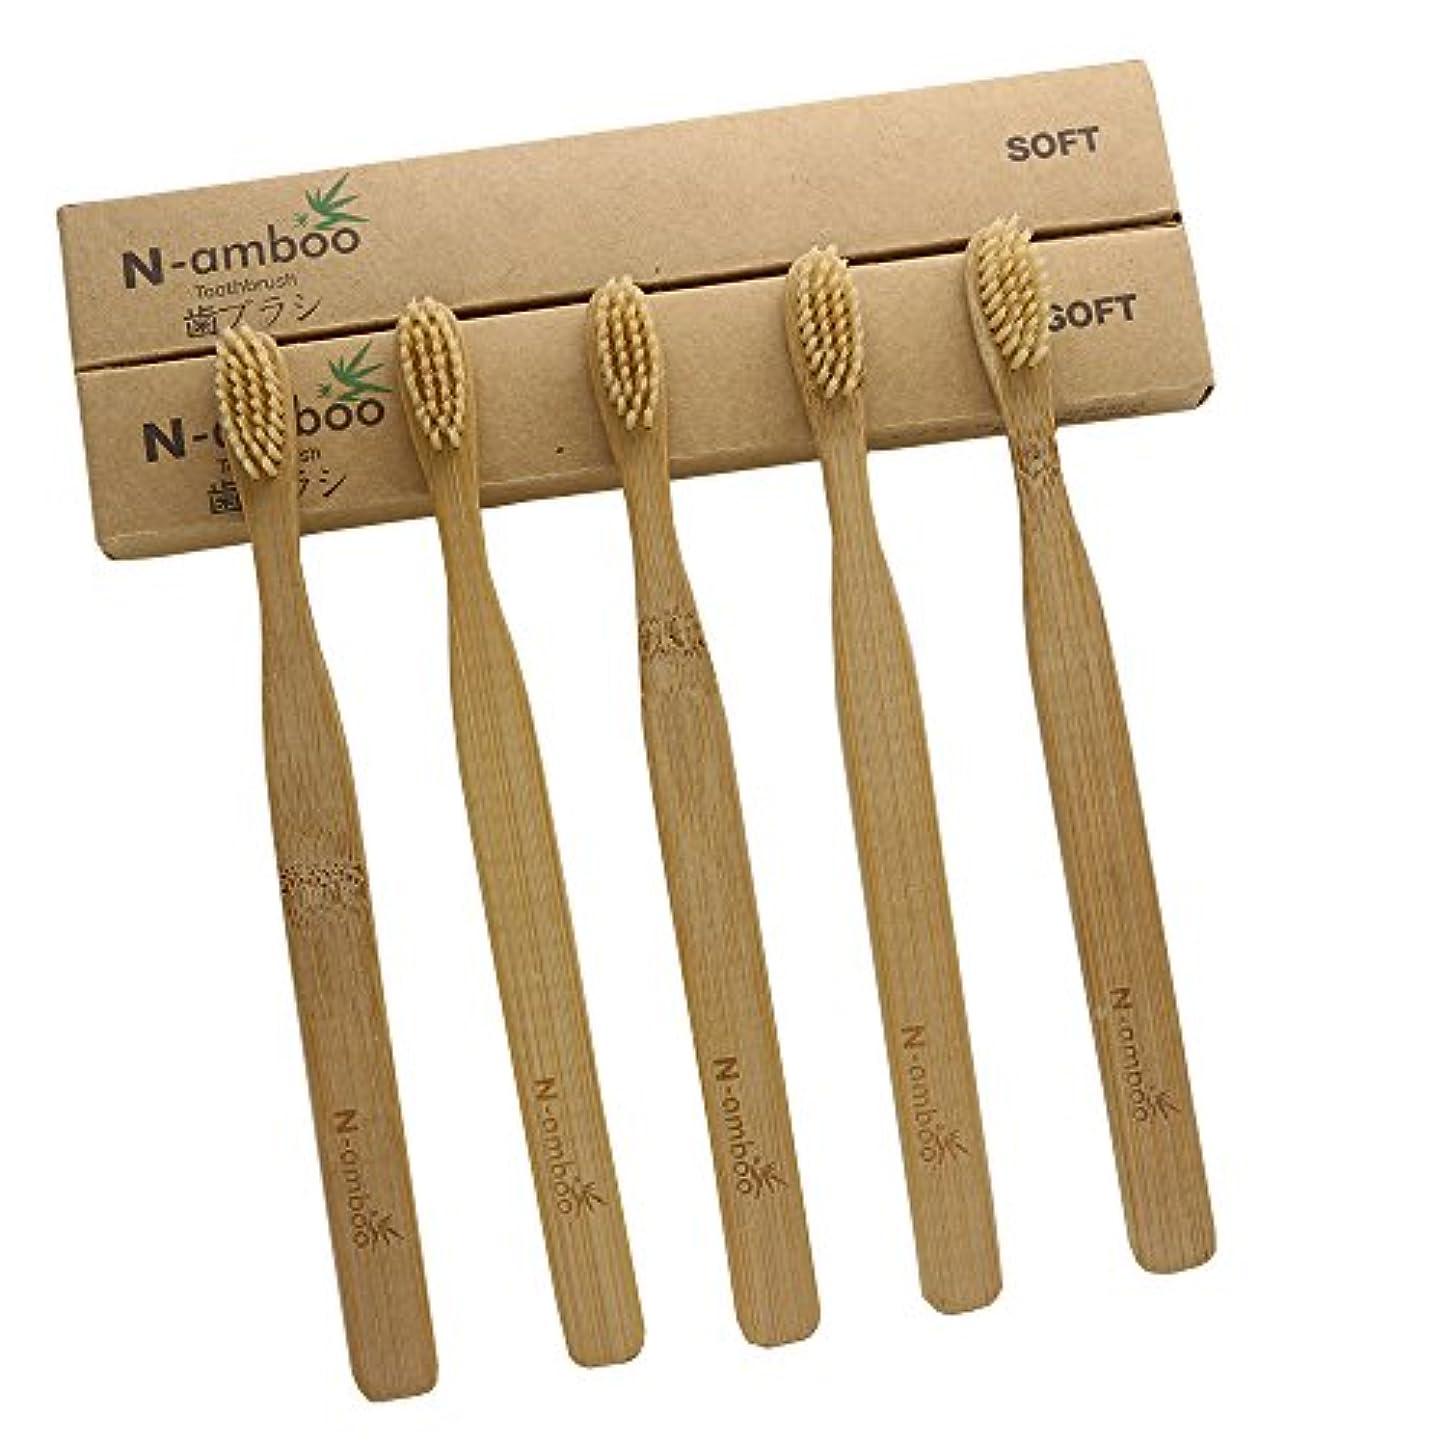 通行人有用冷淡なN-amboo 竹製 歯ブラシ 高耐久性 セット エコ ハンドル大きめ ベージュ (5本)